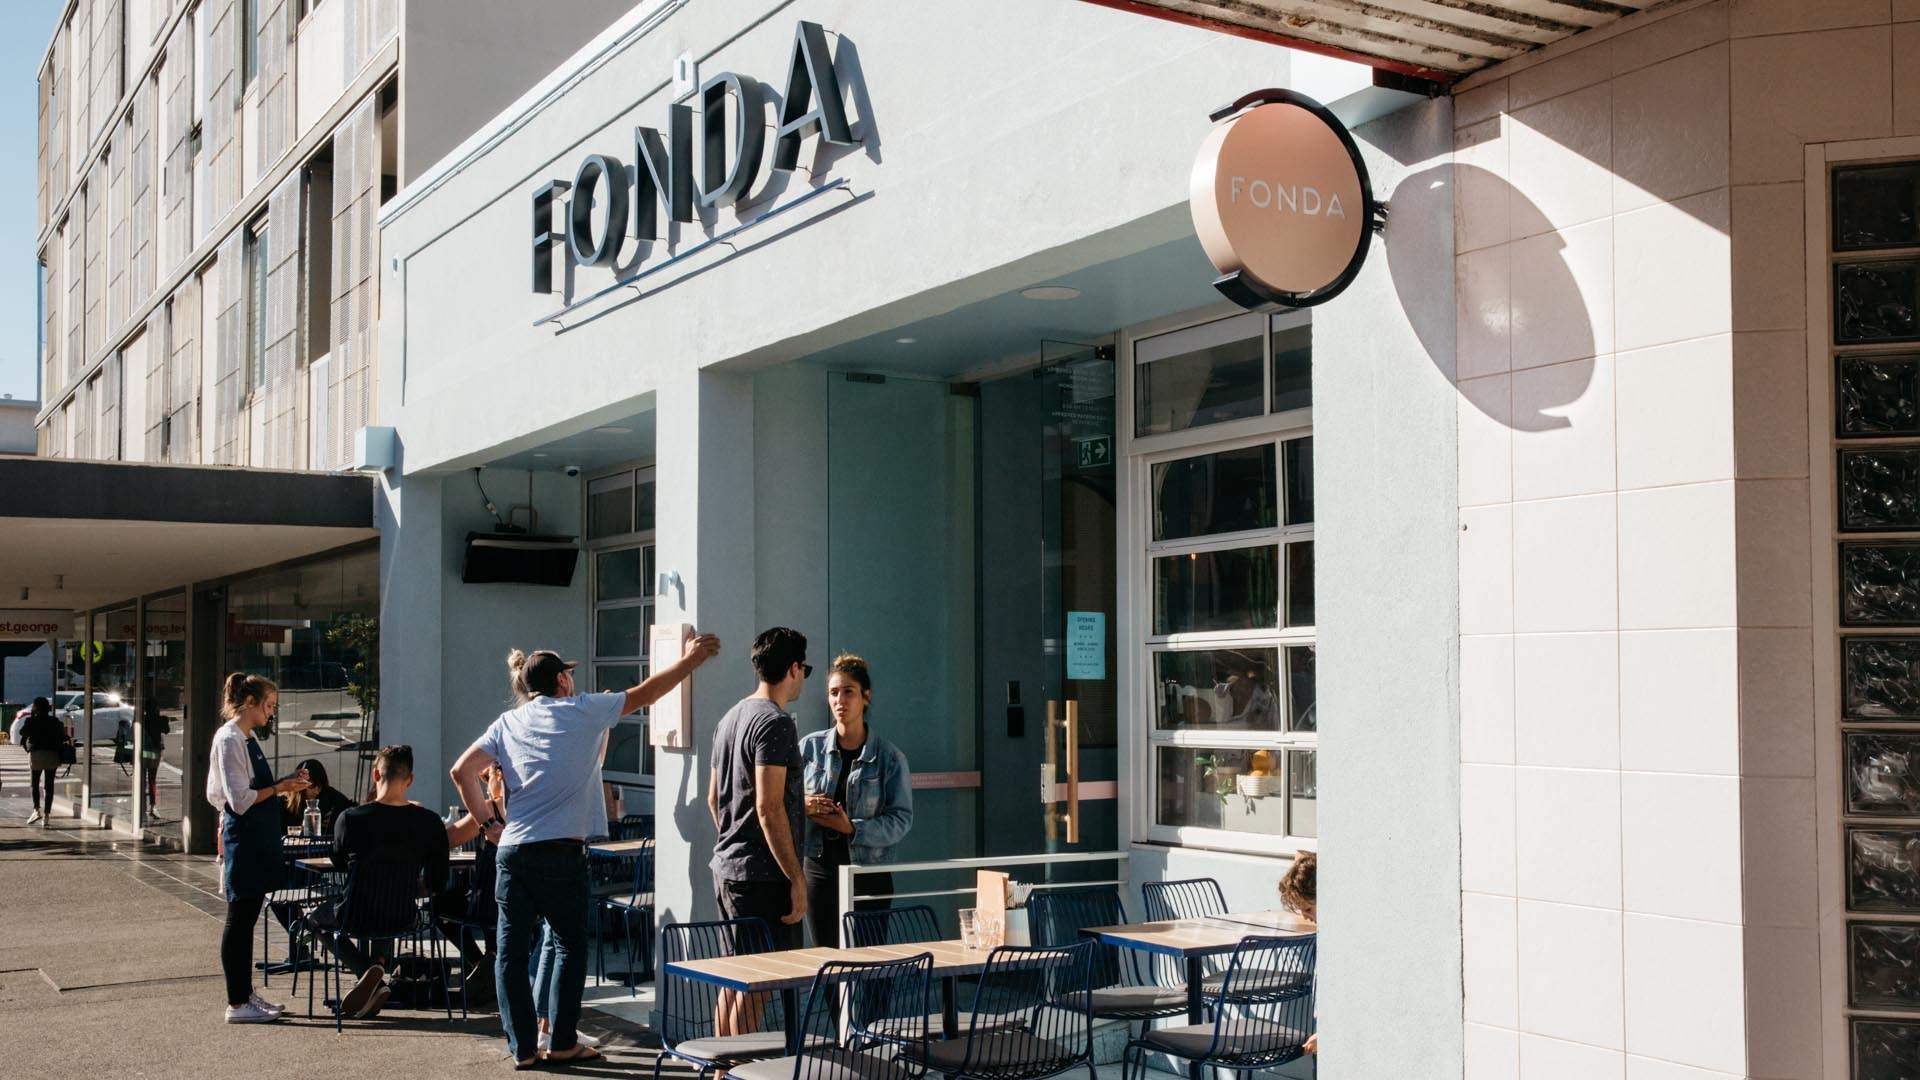 Fonda Bondi